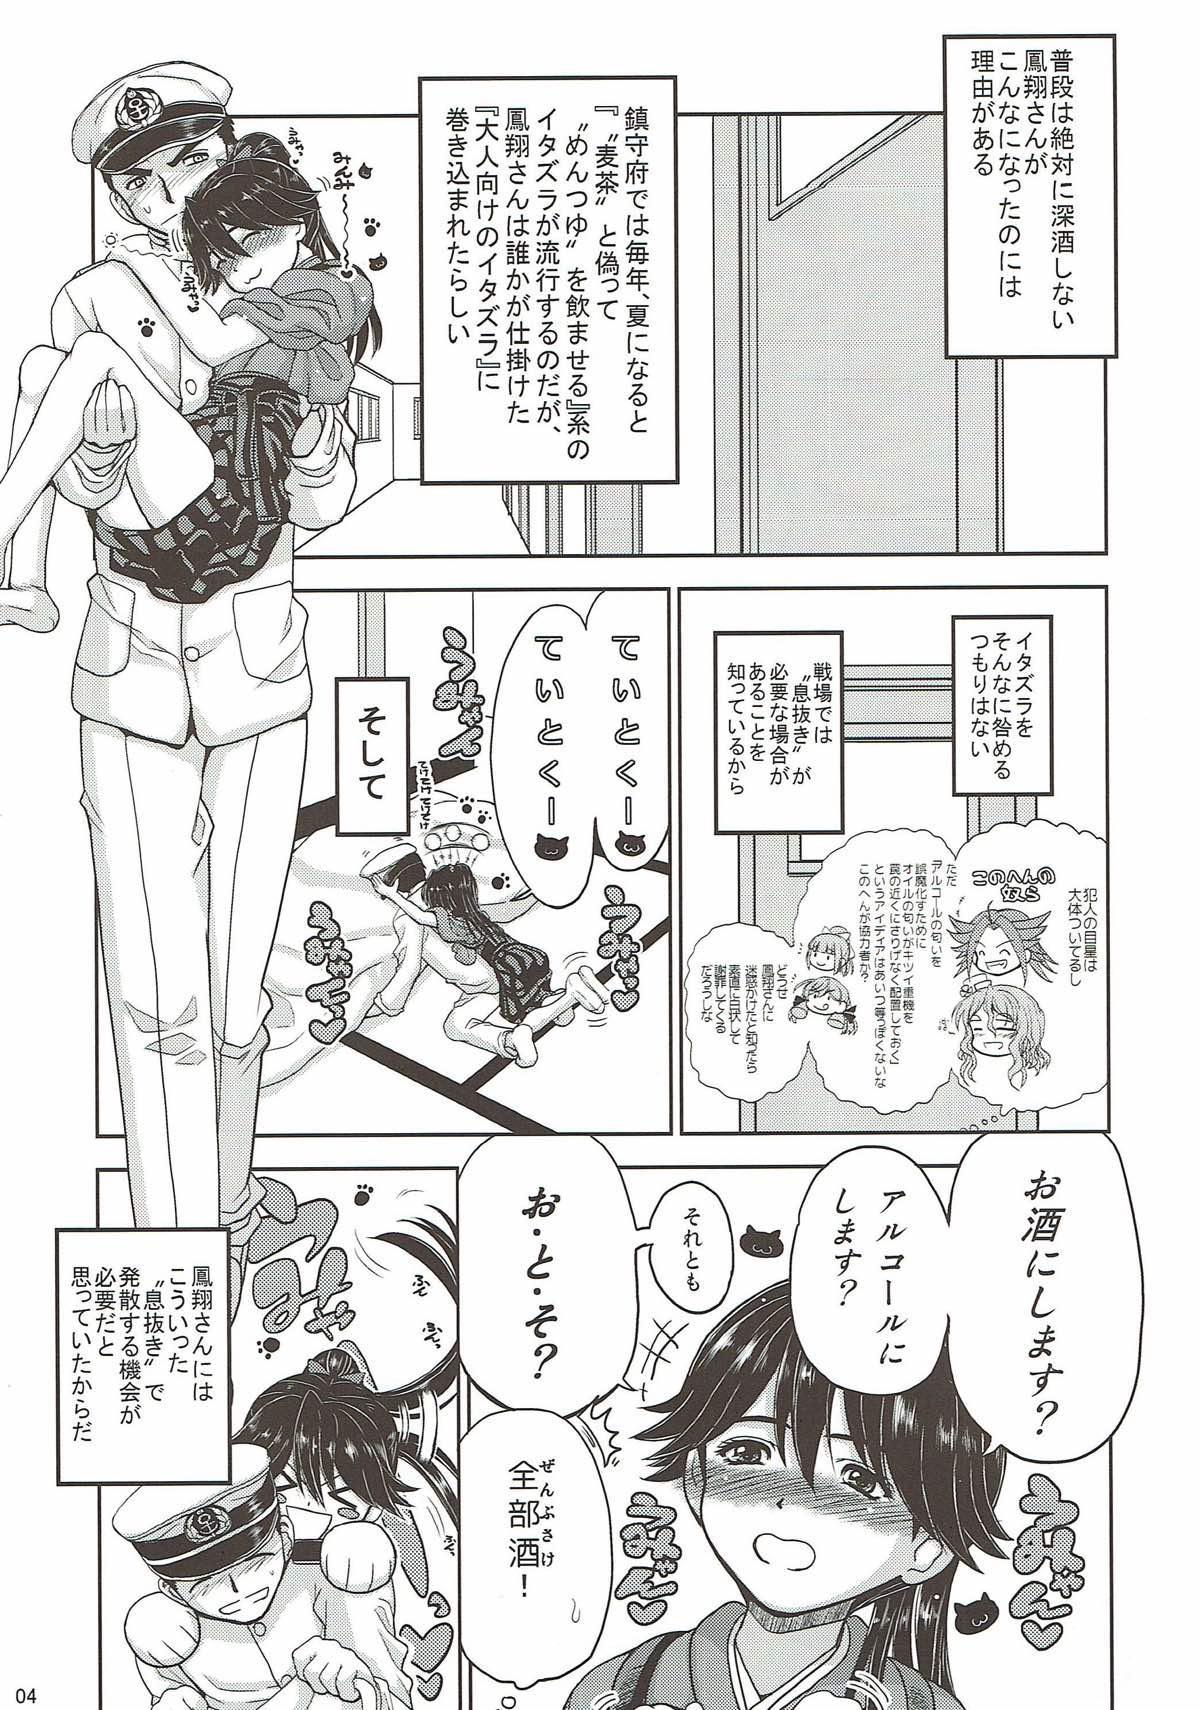 Houshou-san ga Durun Durun ni Yotte Shimattanode 2